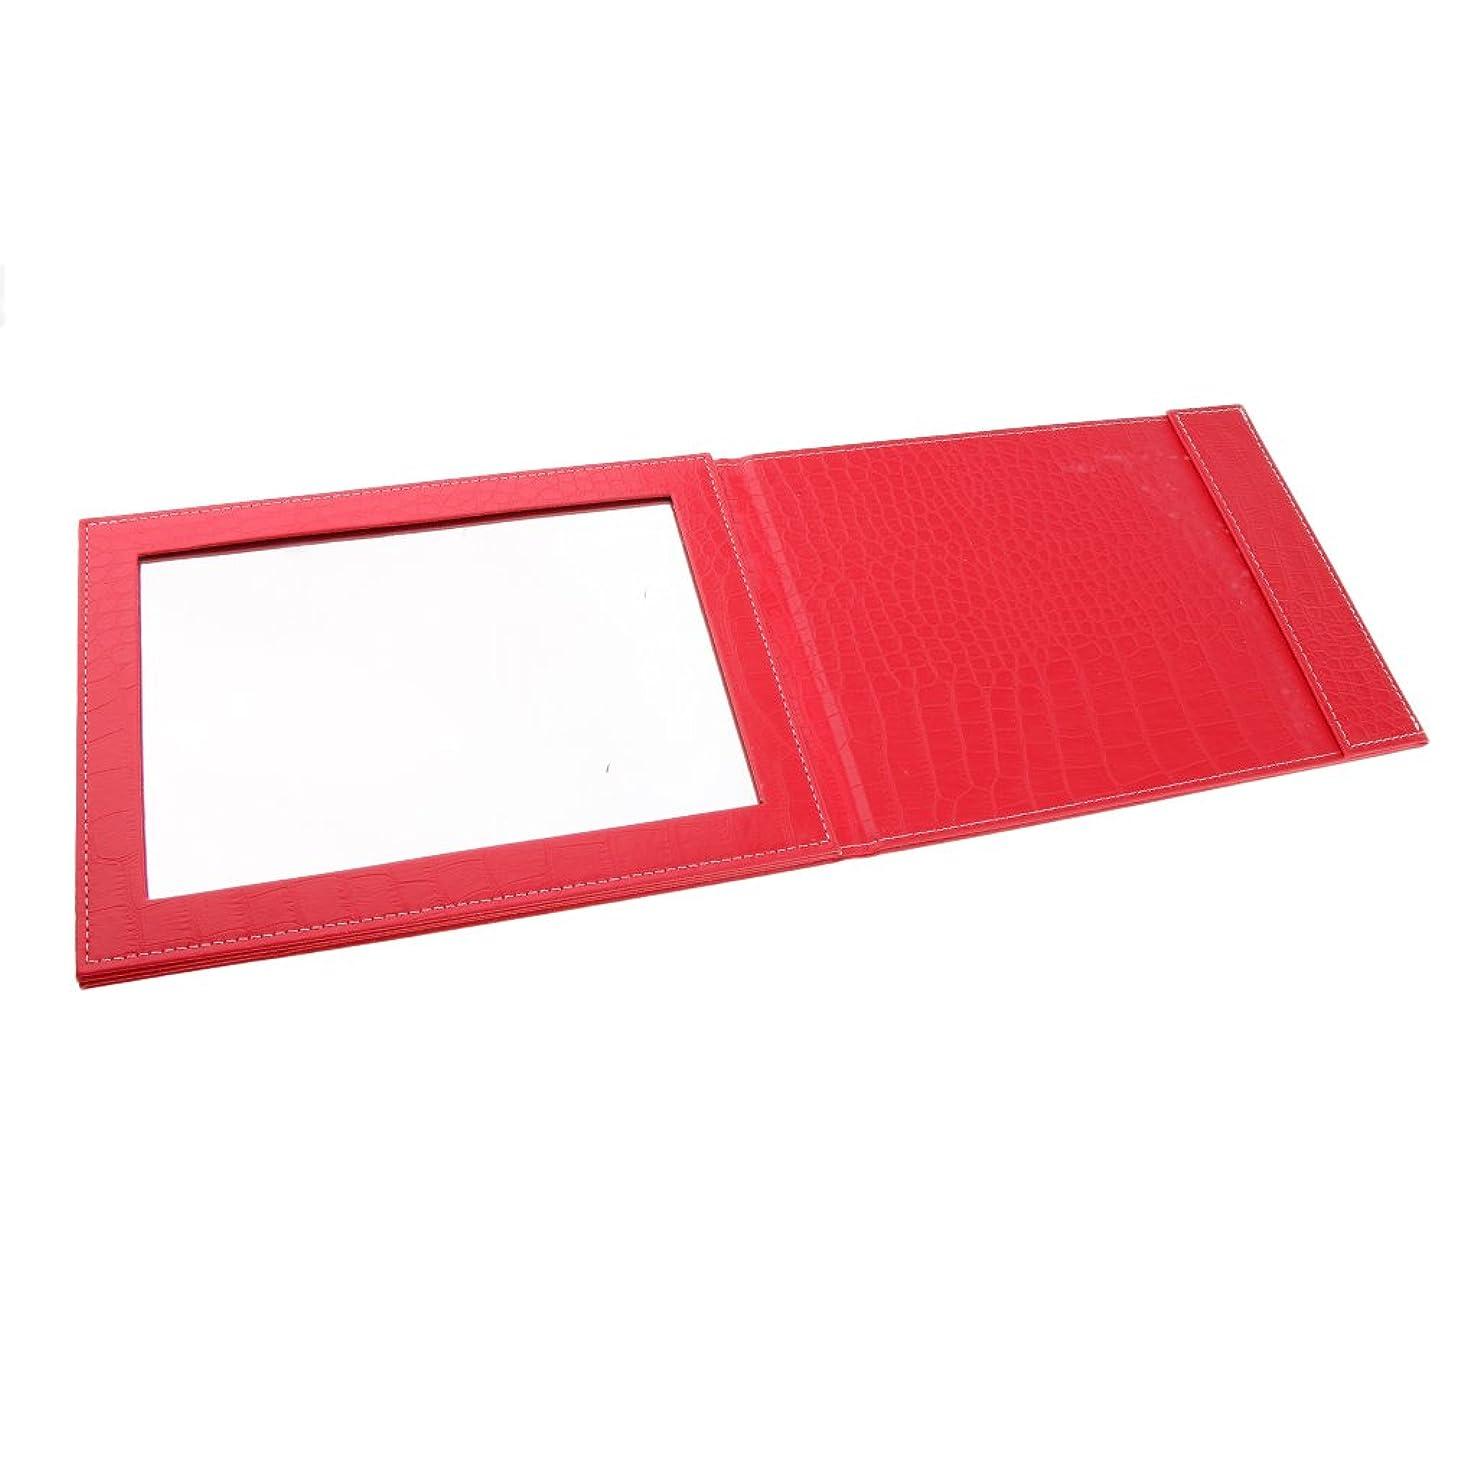 凝視ポルノ足枷Perfeclan 3色選べ ミラー 化粧鏡 メイクアップ 折りたたみ式 PUレザー 90°から145°調節 実用的 旅行  - 赤